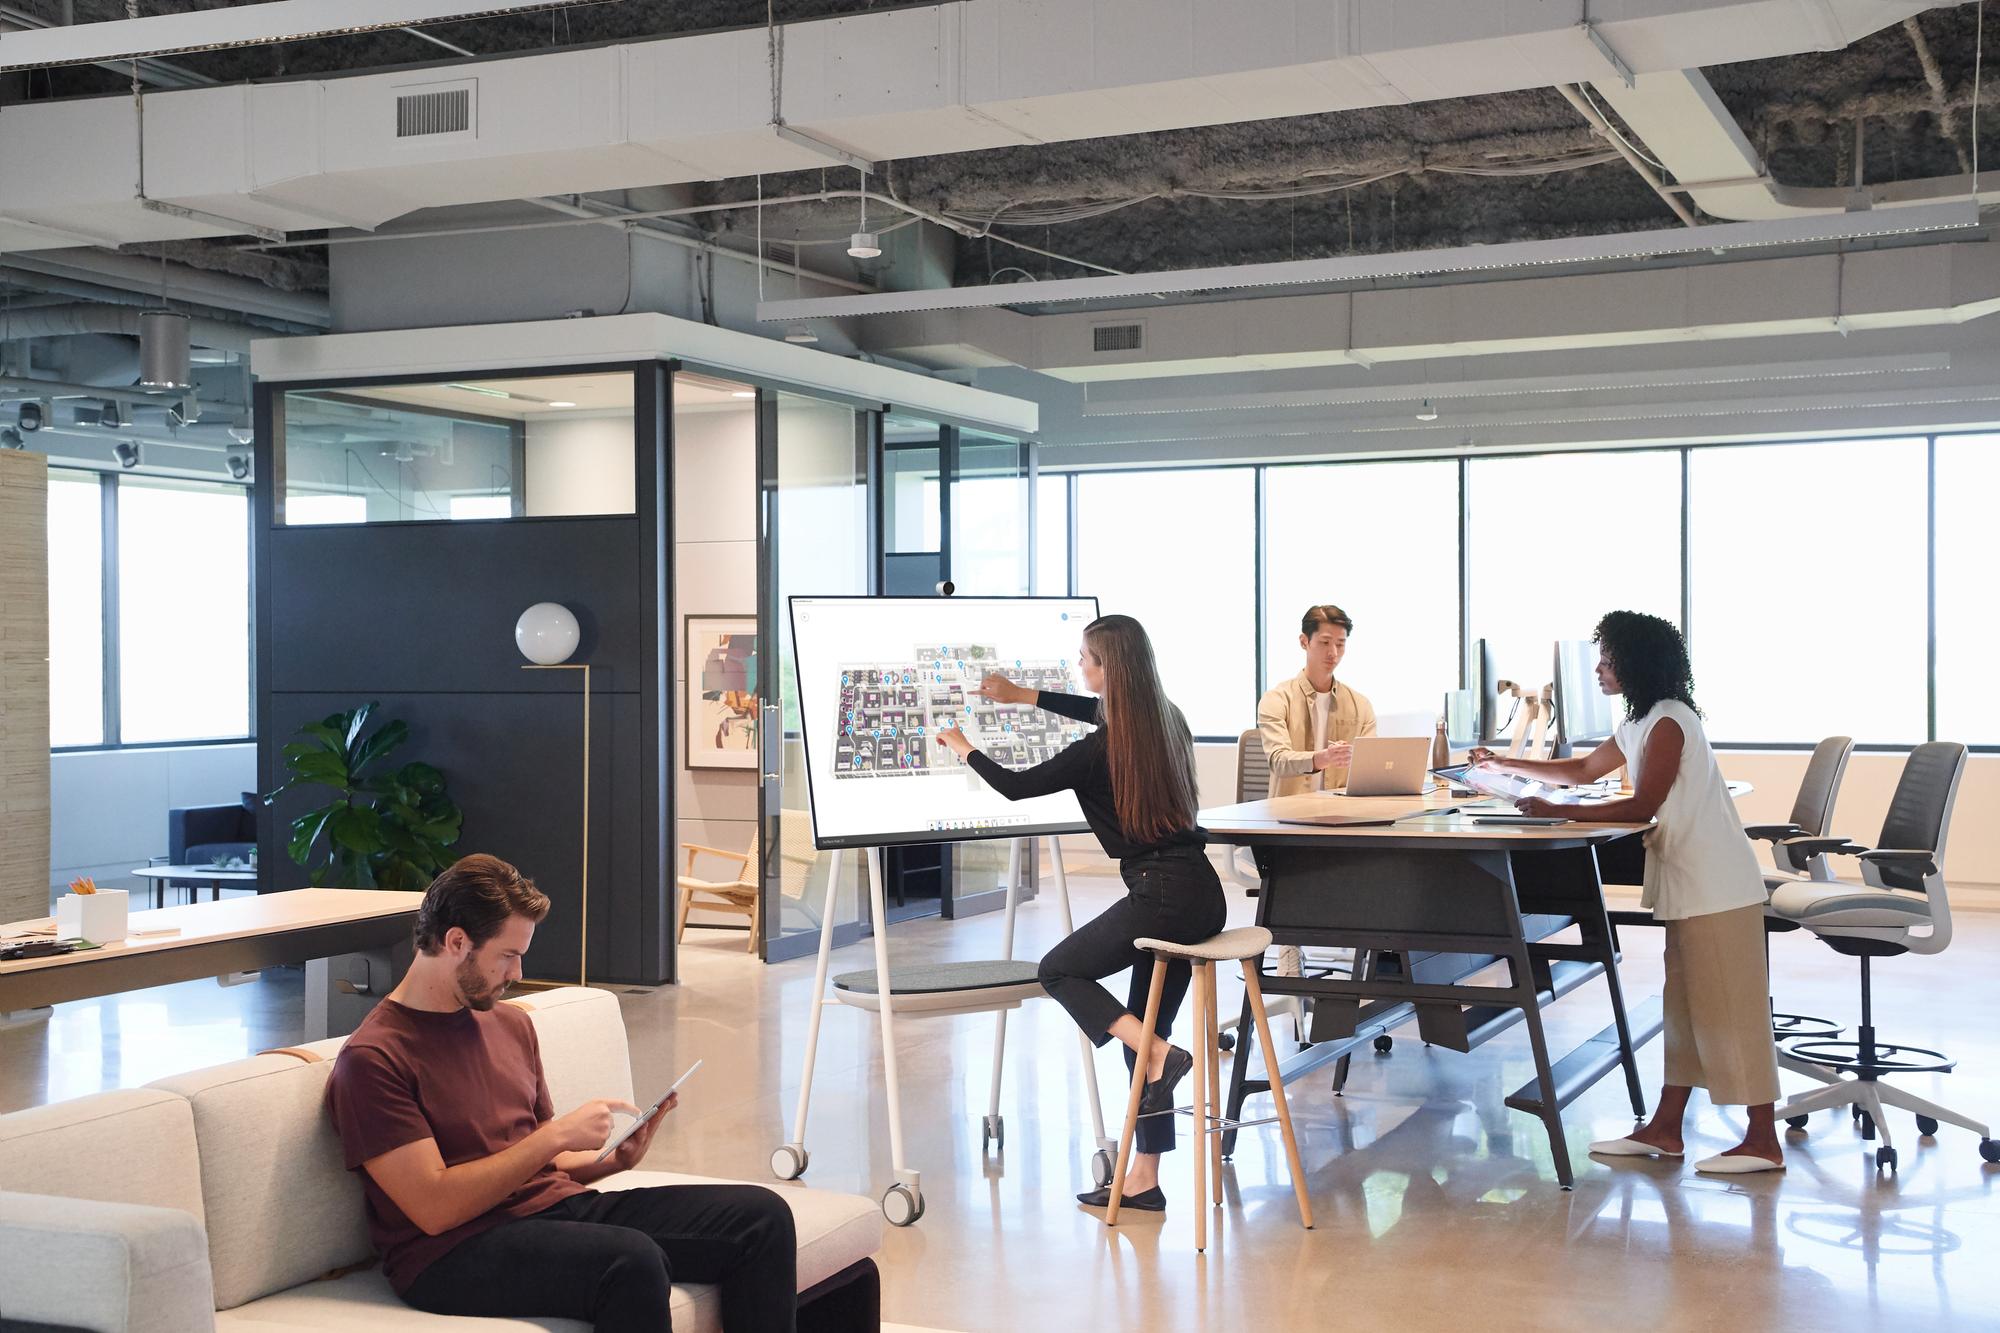 In einem Büro arbeiten mehrere Personen an ihren Surface Devices, eine Frau arbeitet am Surface Hub 2S